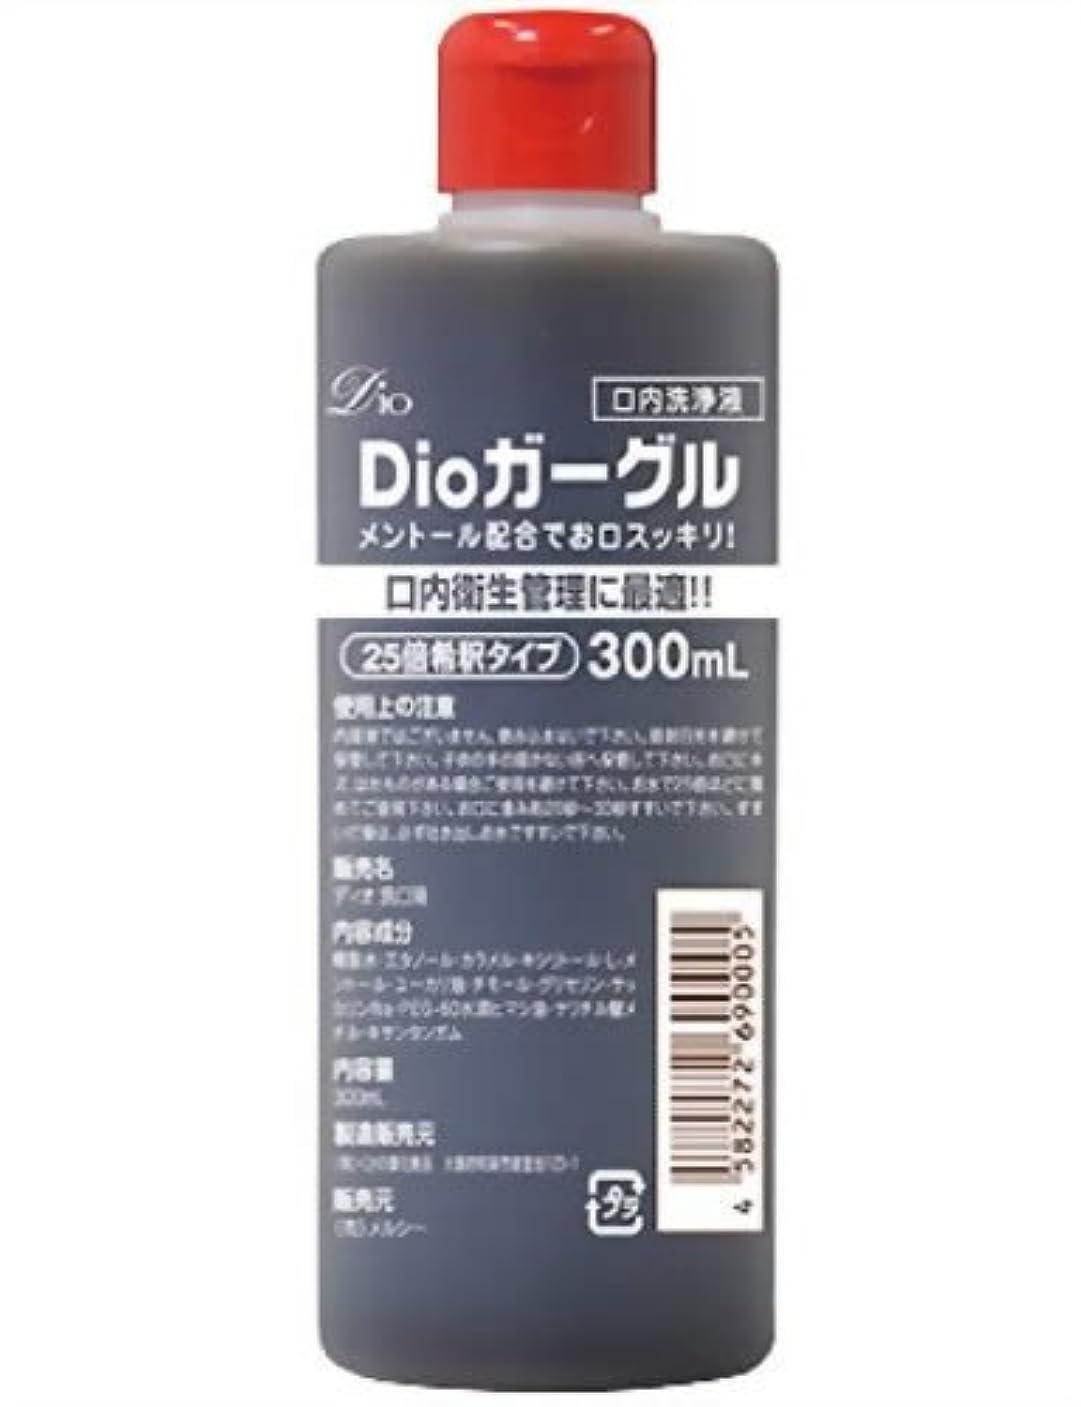 省略調査泥棒【業務用】 Dioガーグル 300ml